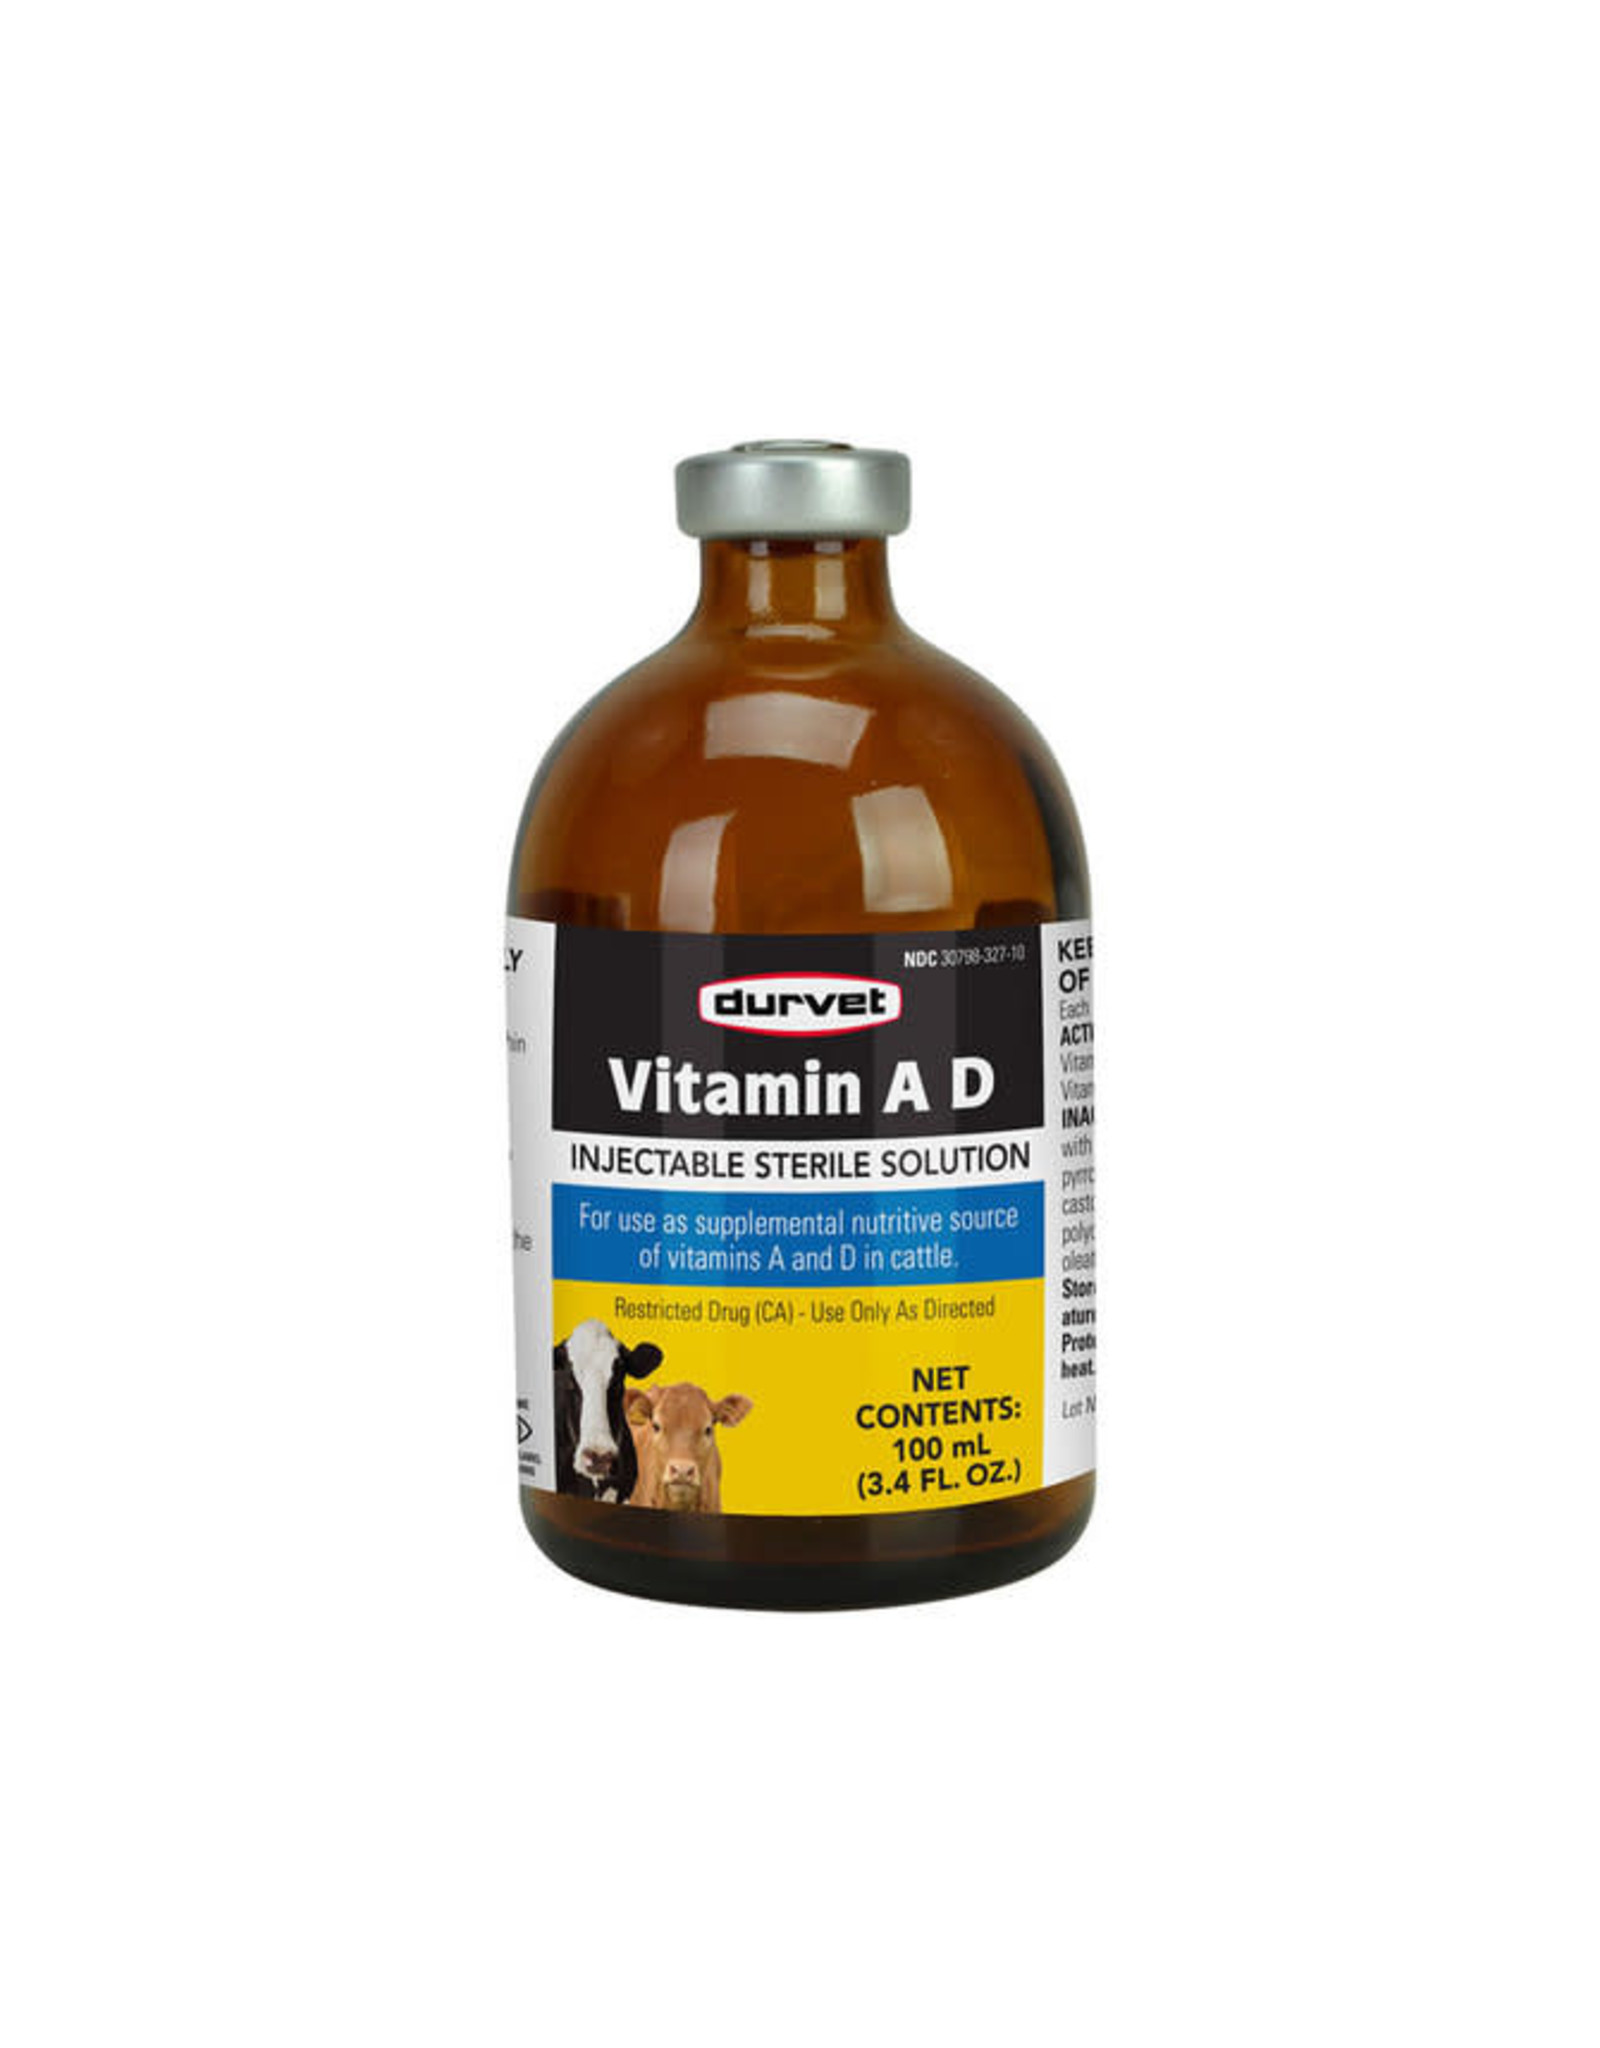 Durvet Vitamin AD 100ml